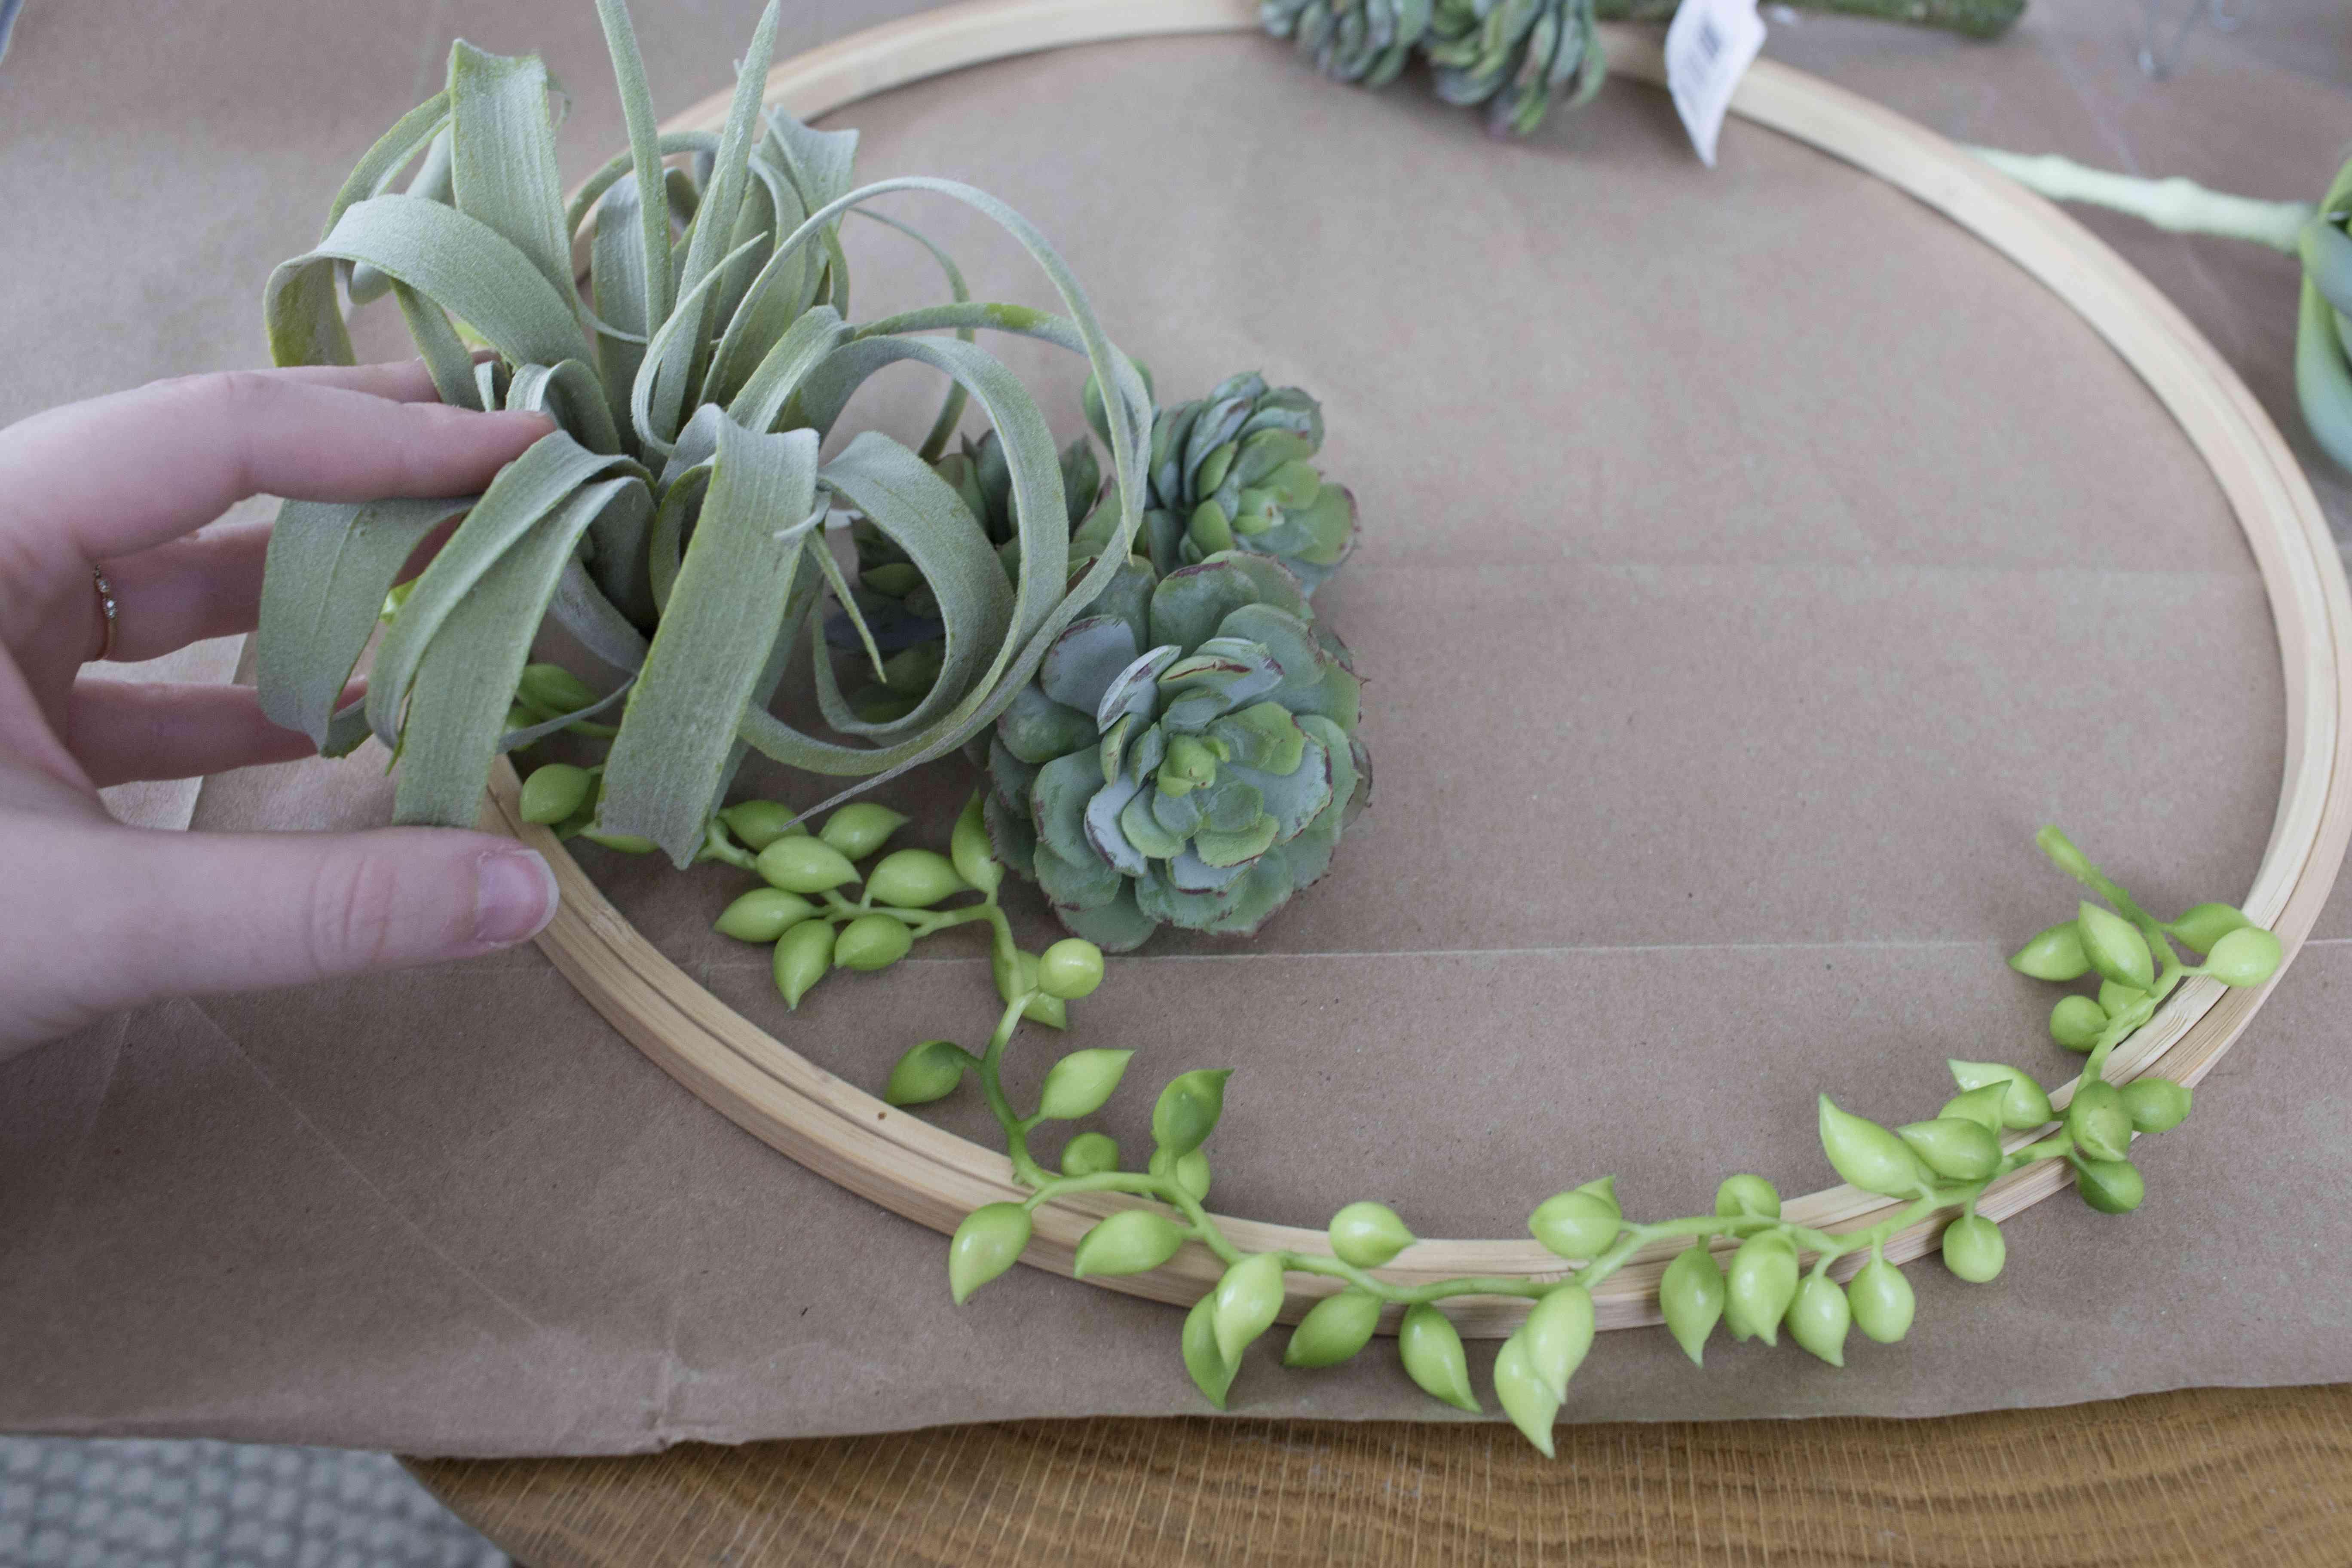 Planning succulent wreath design